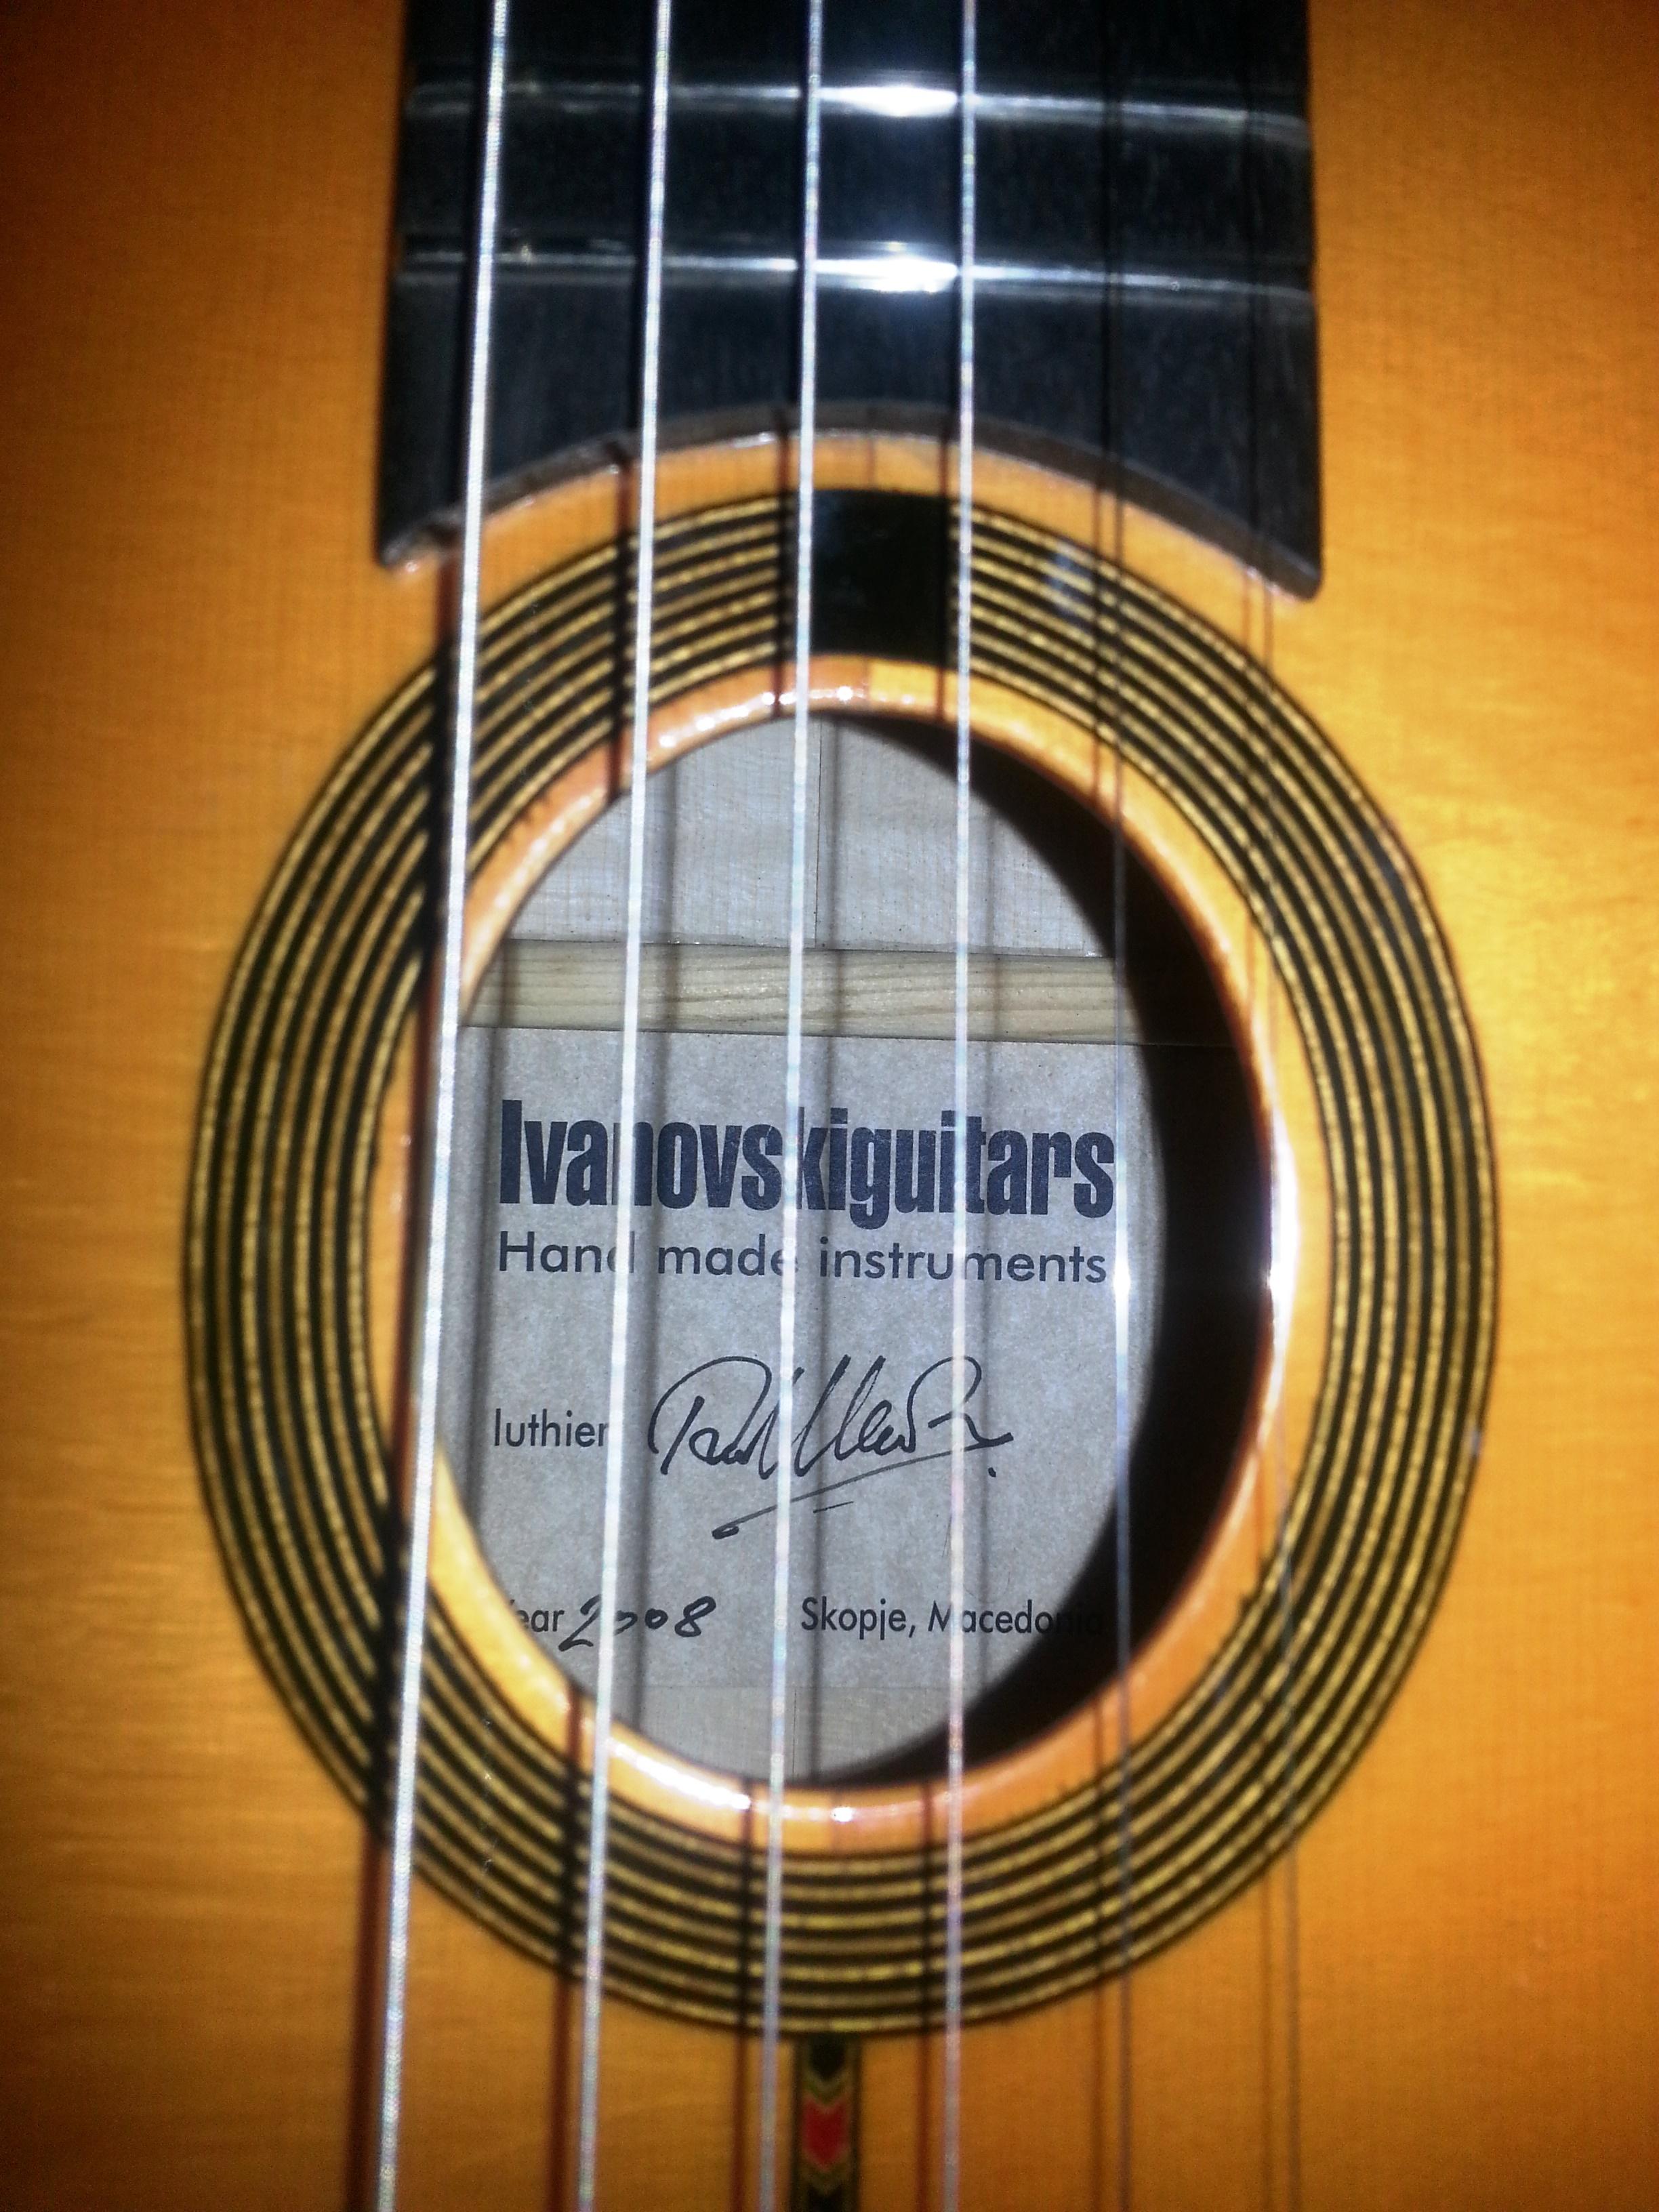 ivanovski-guitar-5